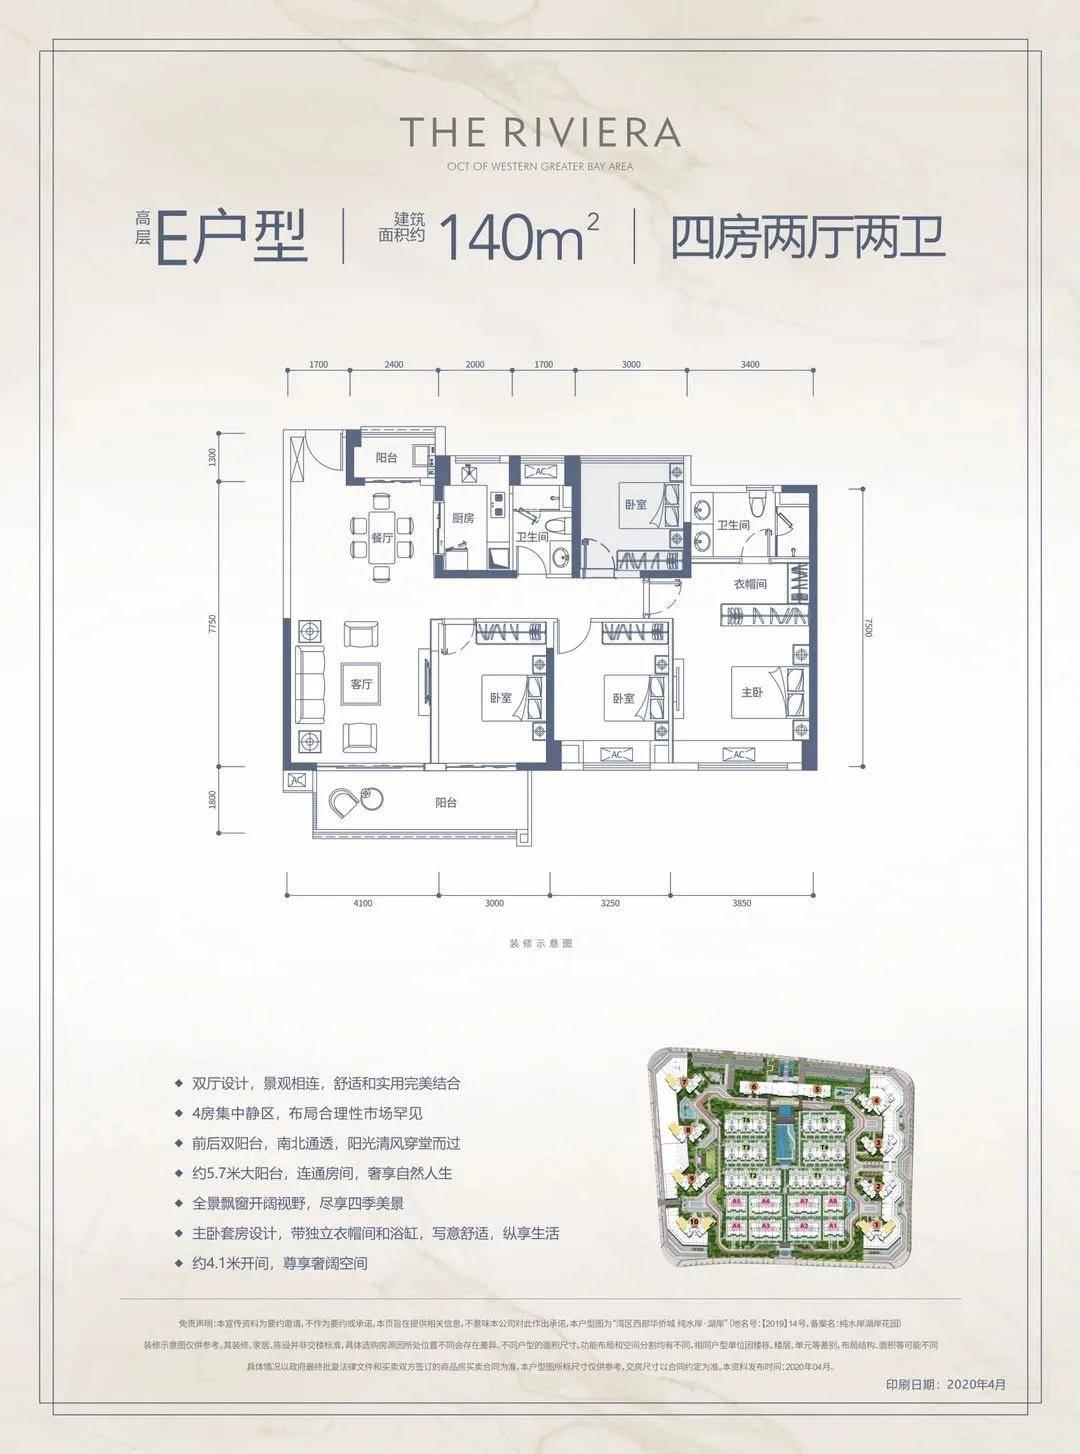 2021肇庆 西部华侨城 为什么那么便宜?内部有什么猫腻?揭秘真相!